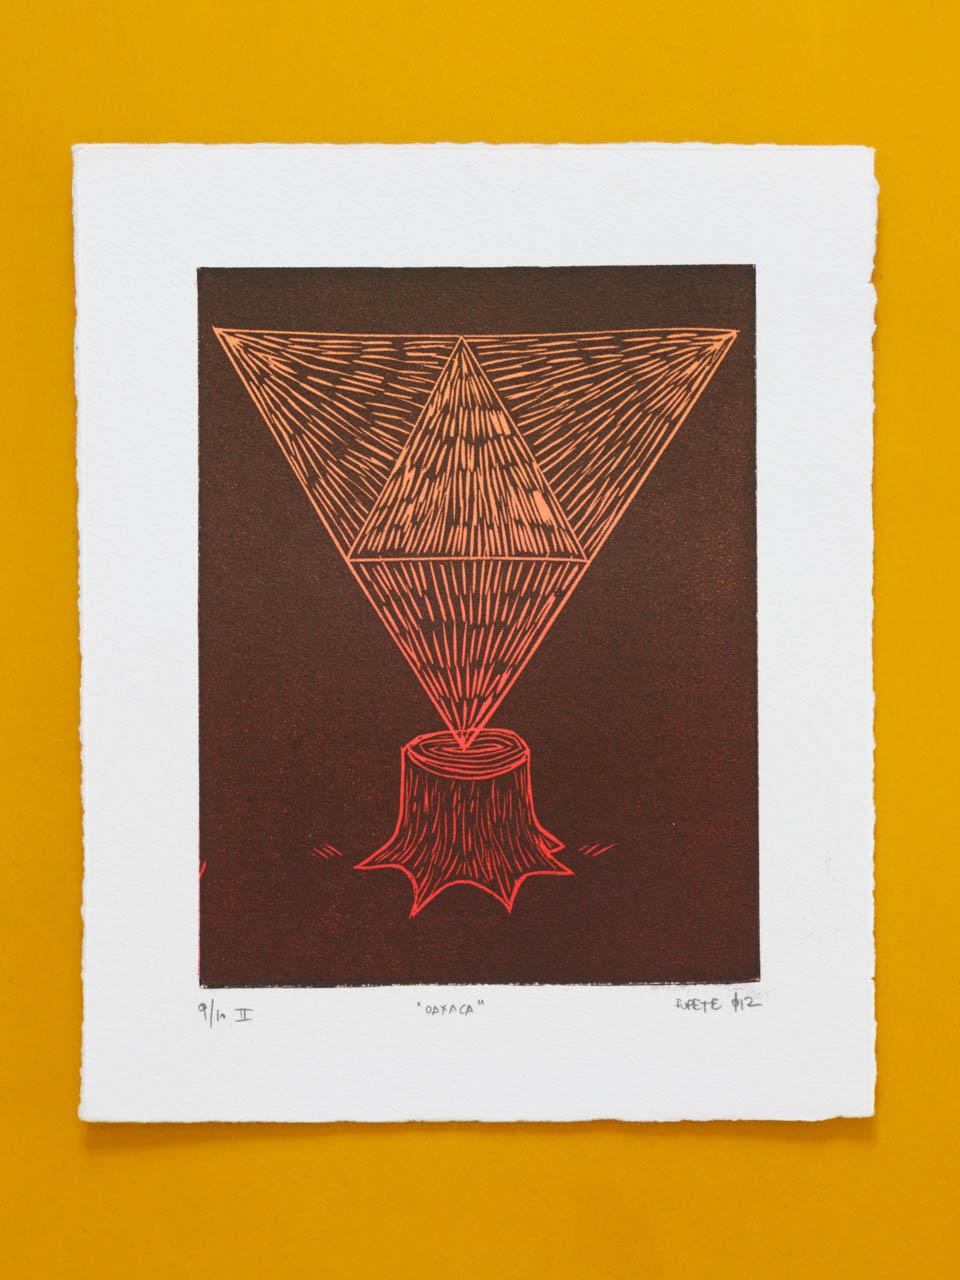 oaxaca-print-by-tellerk